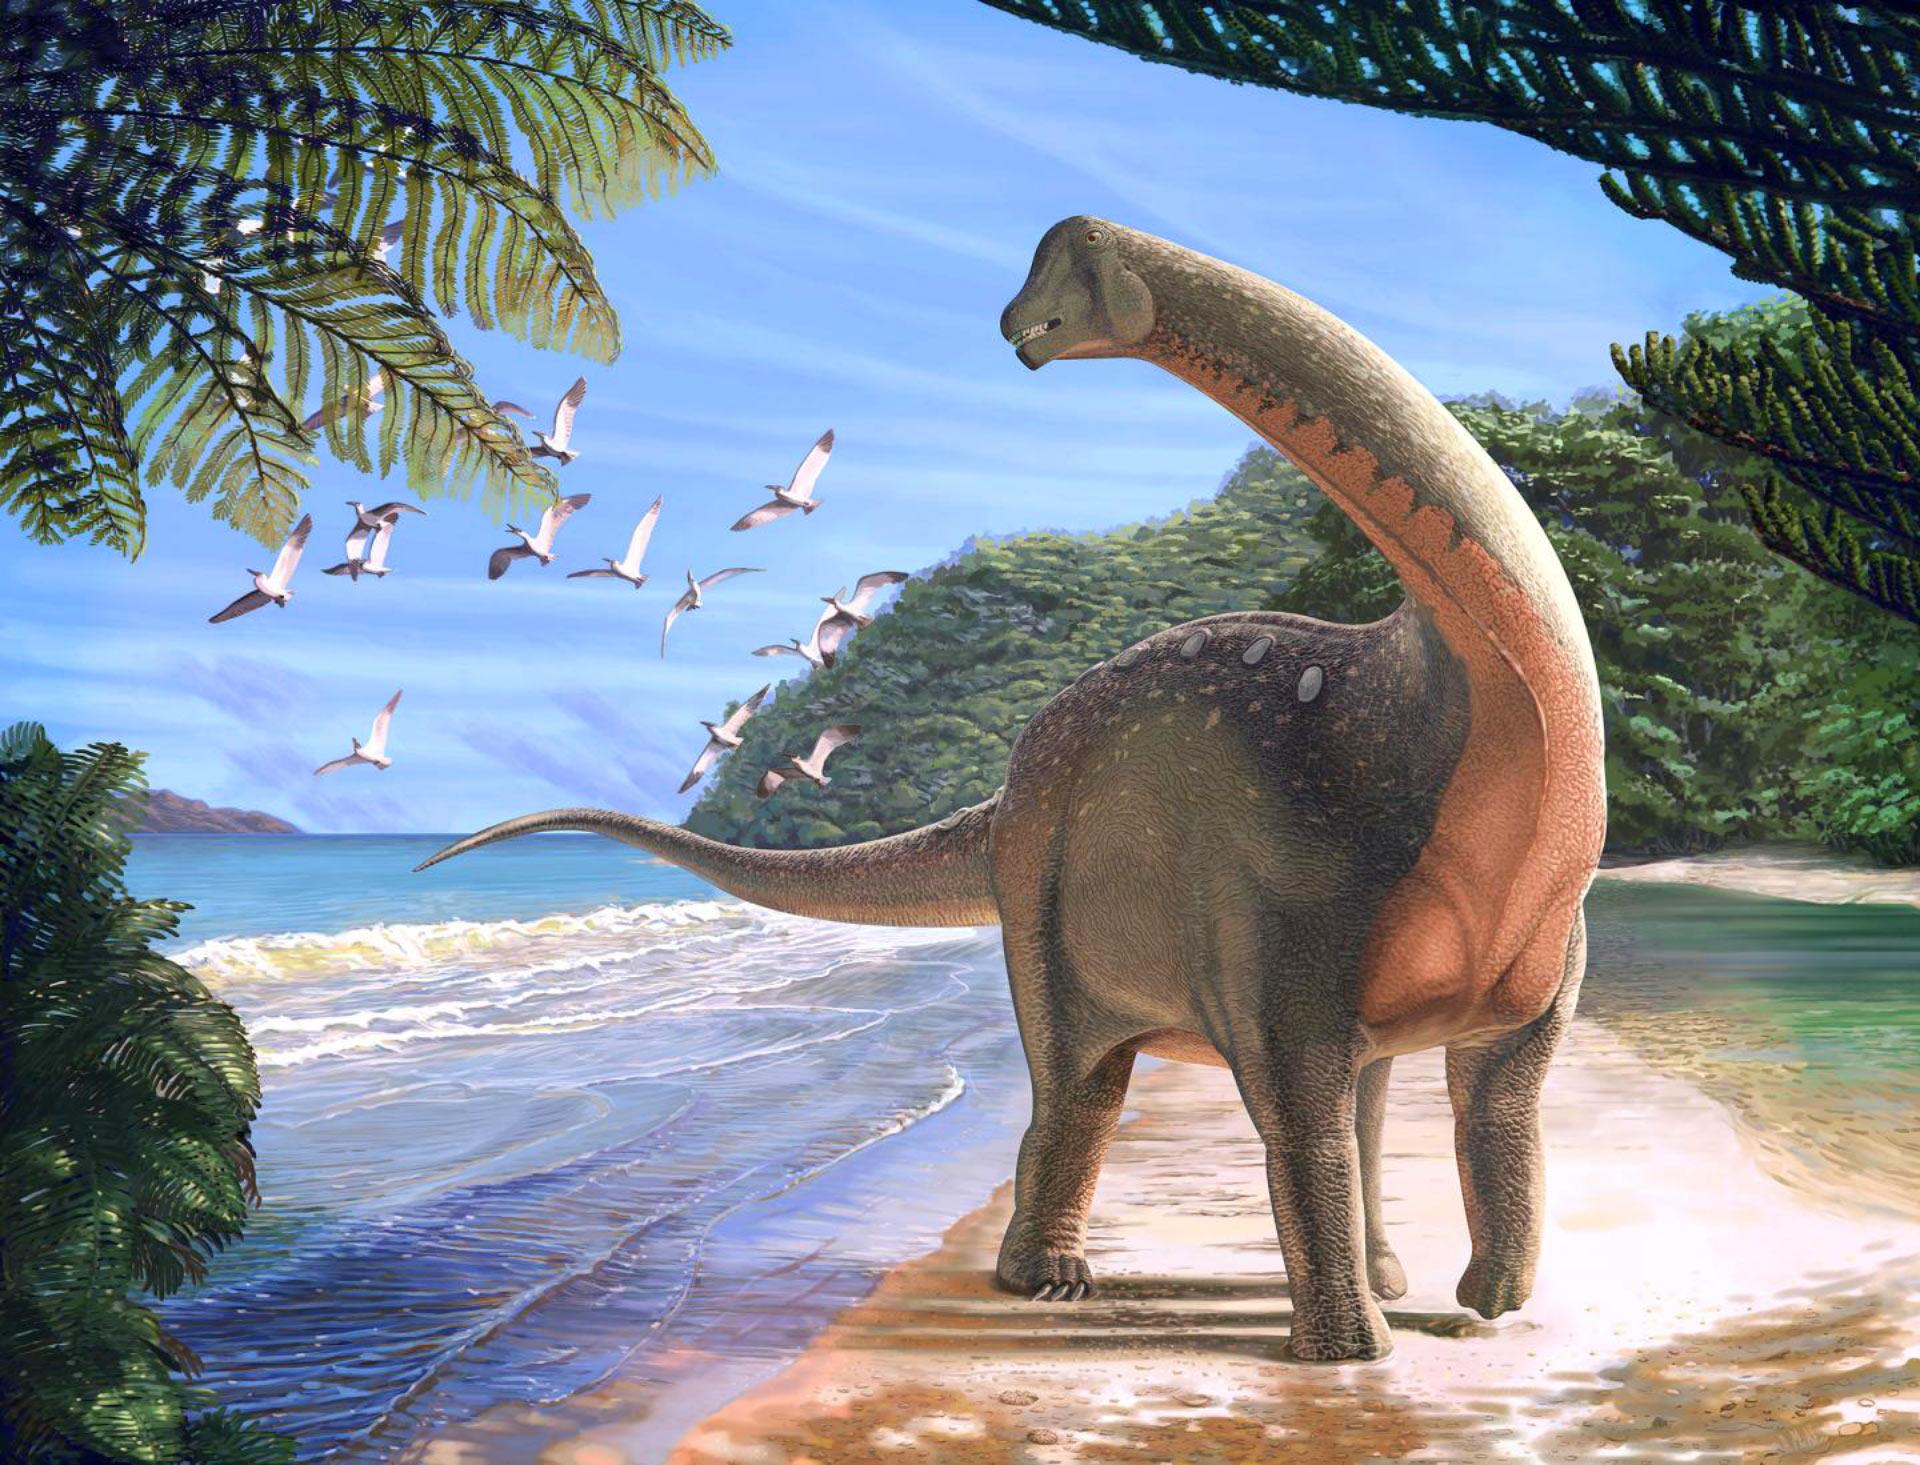 Dinosaurio mansourasaurus shahinae | Carnegie Museum of Natural History | www.carnegiemnh.org